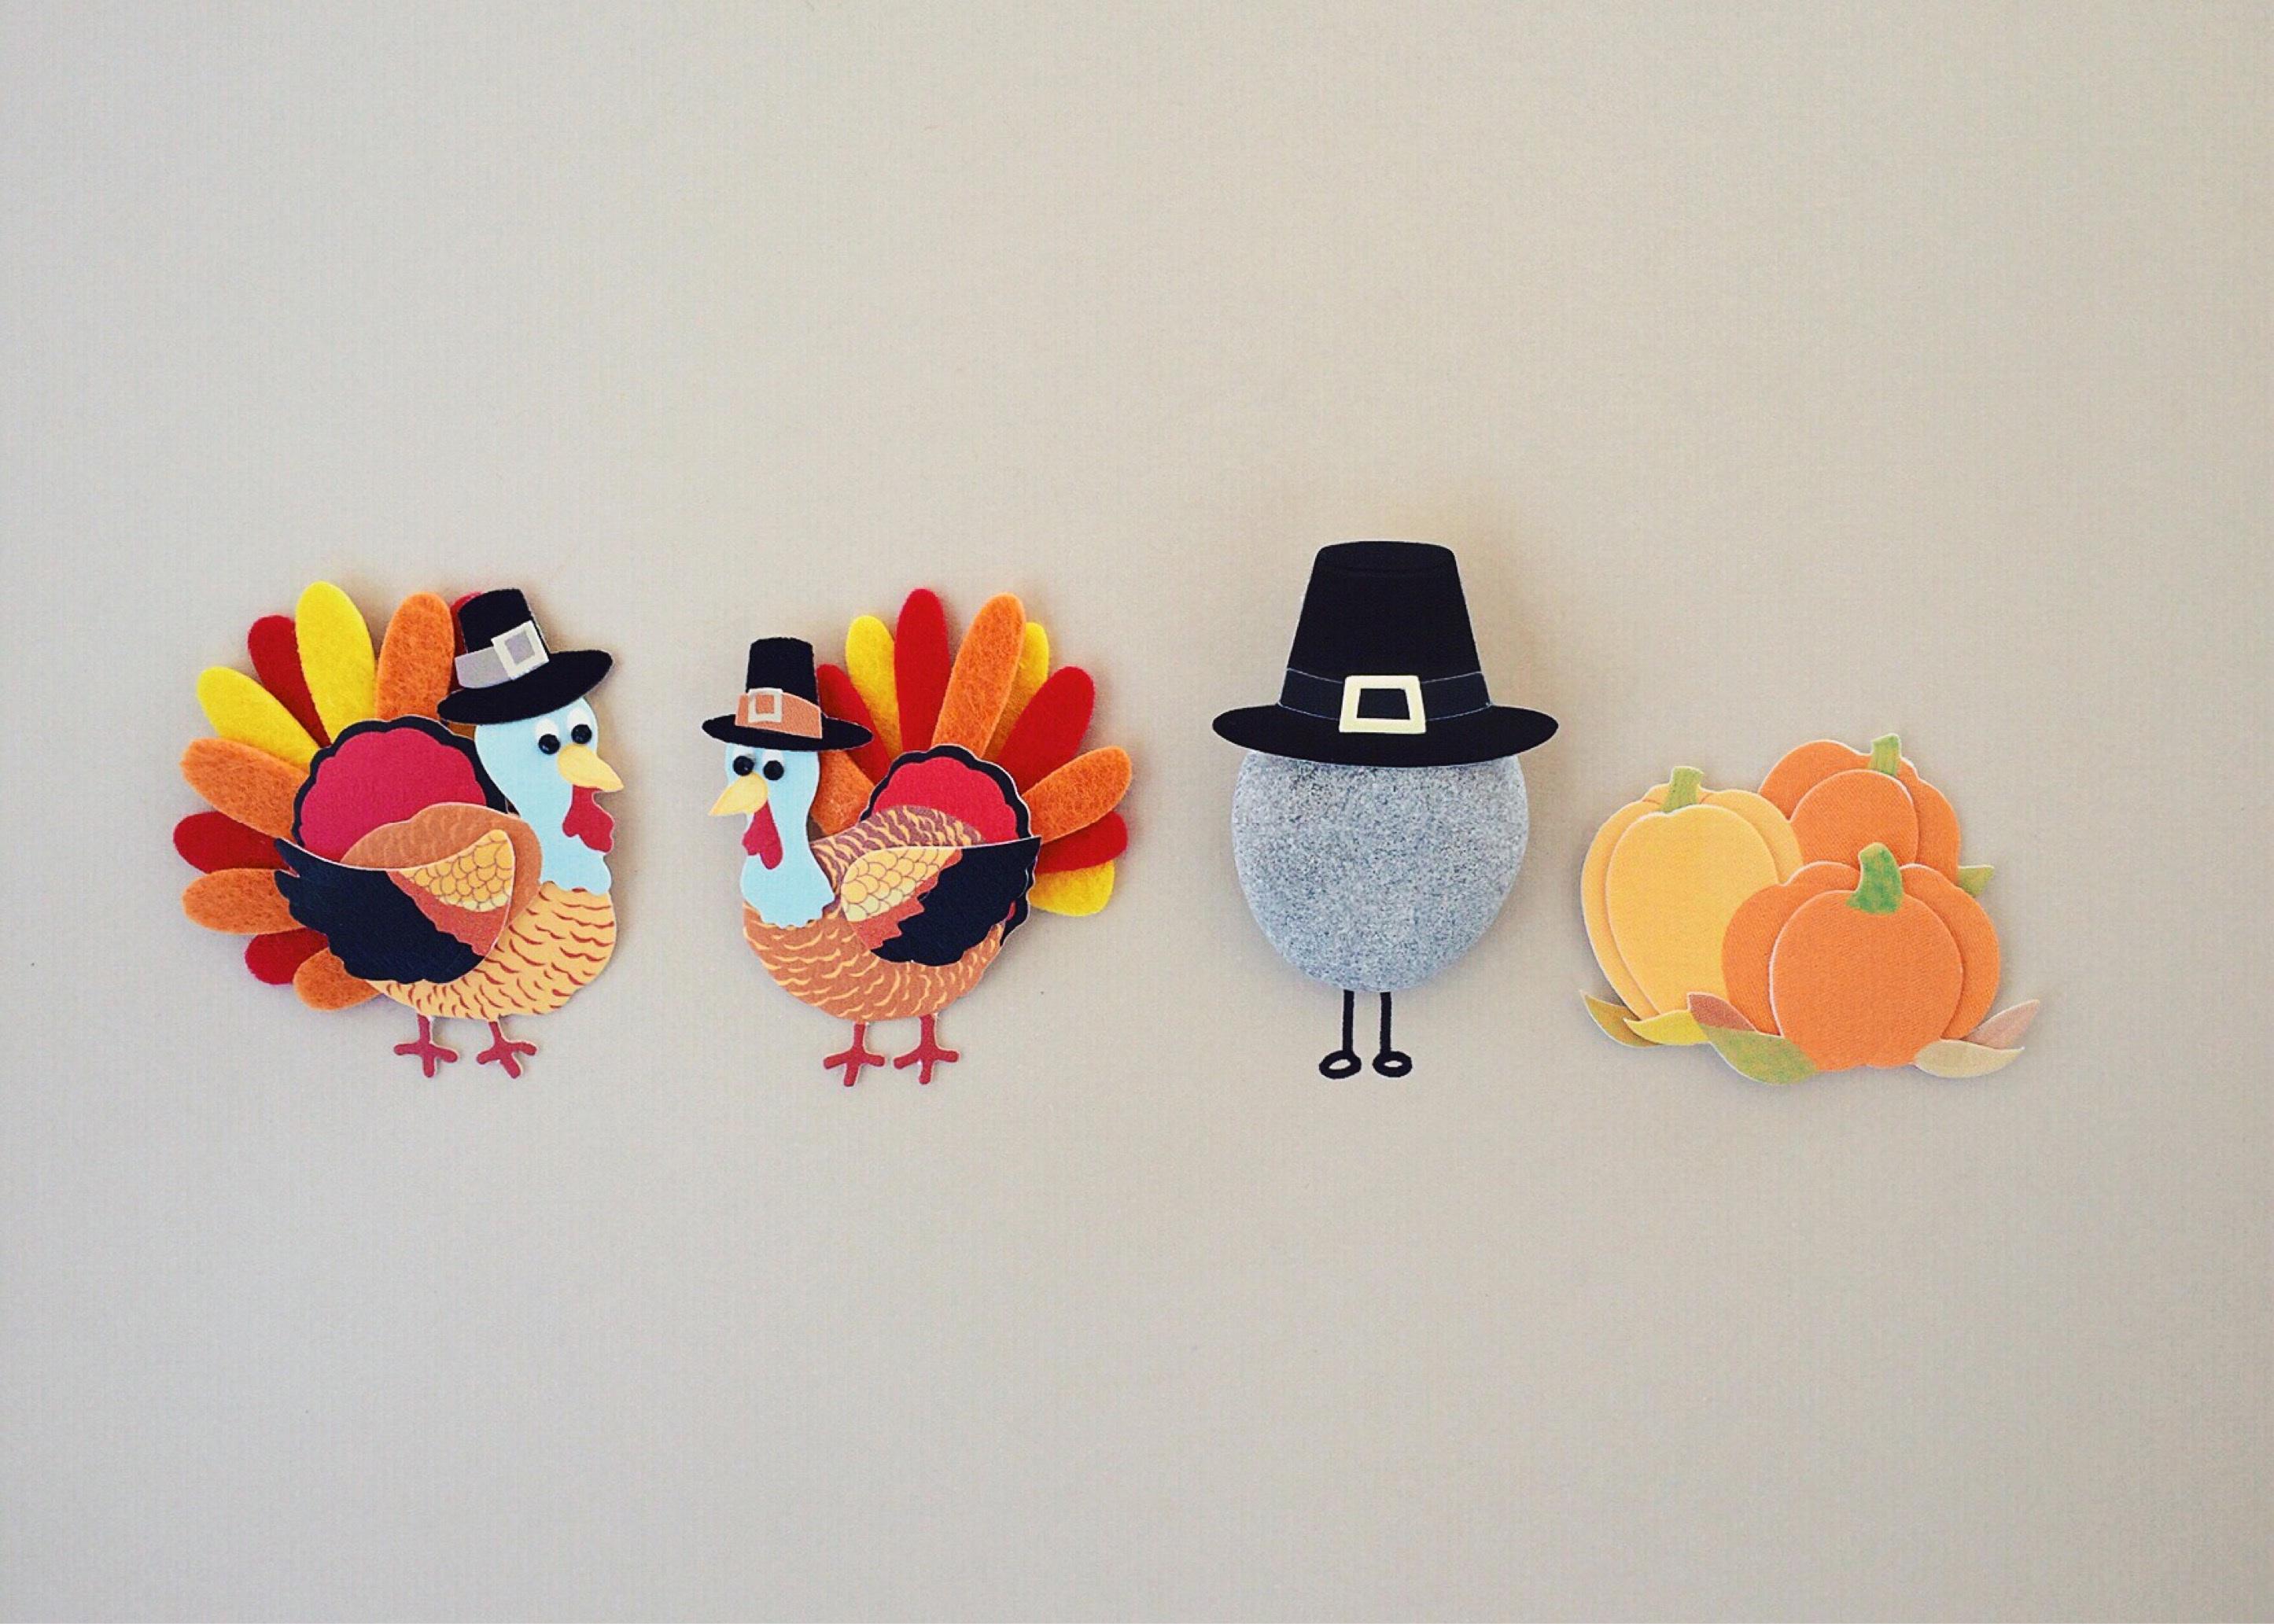 Broches con motivos típicos del día de Acción de gracias en Estados Unidos: dos pavos y una roca con sombreros de peregrinos, y unas calabazas